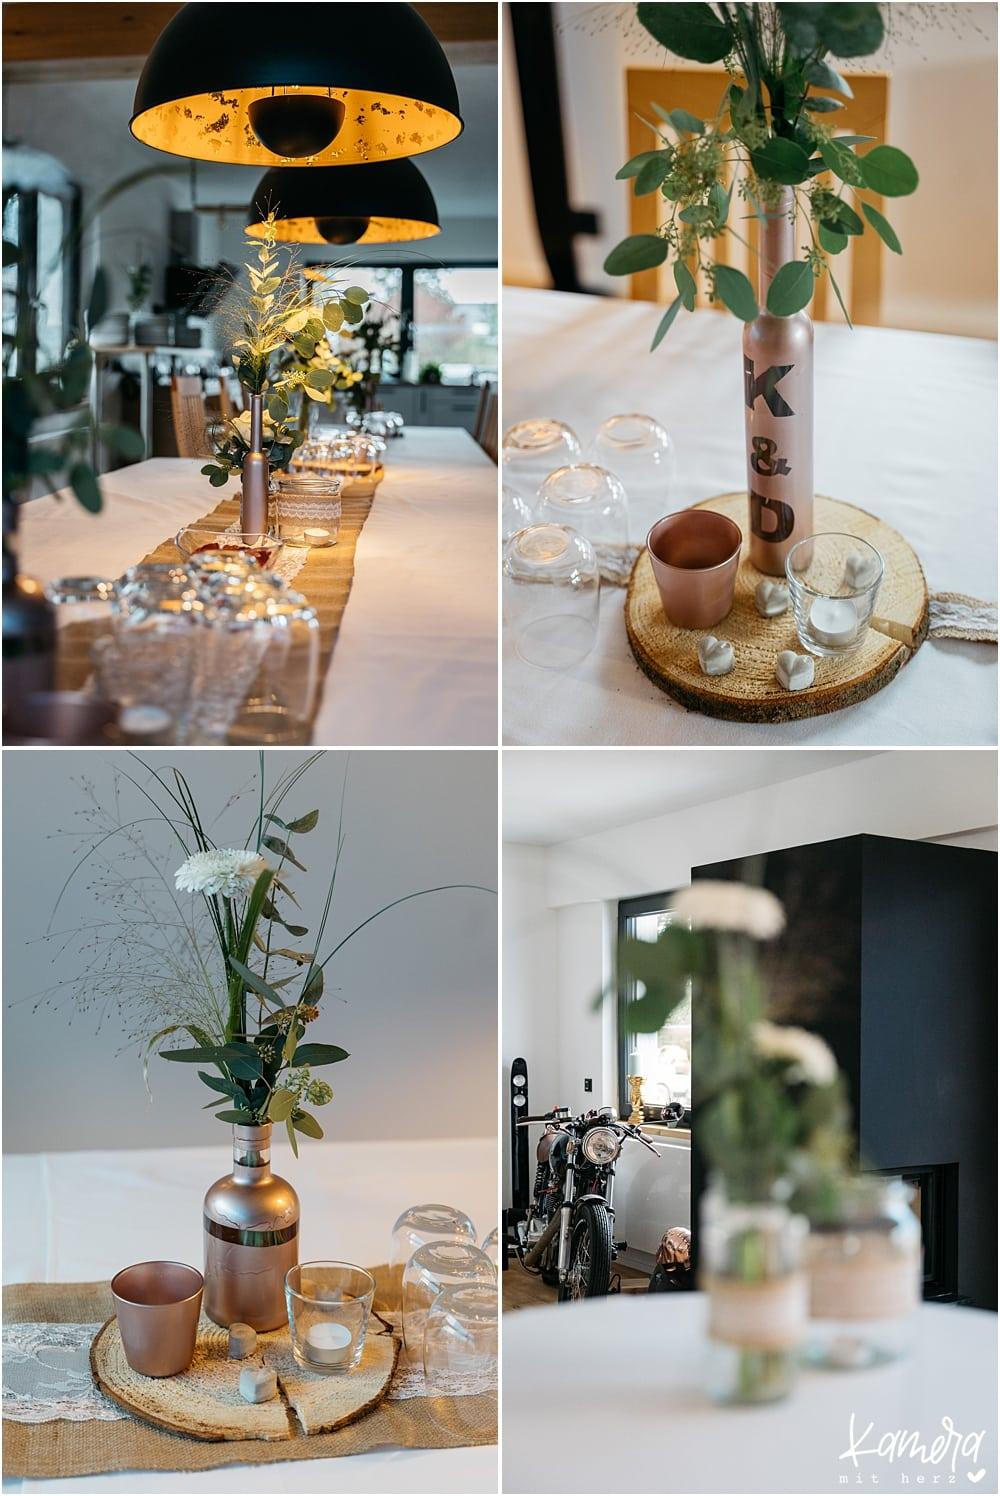 Hochzeitsfeier zuhause - Dekoration Wohnzimmer DIY